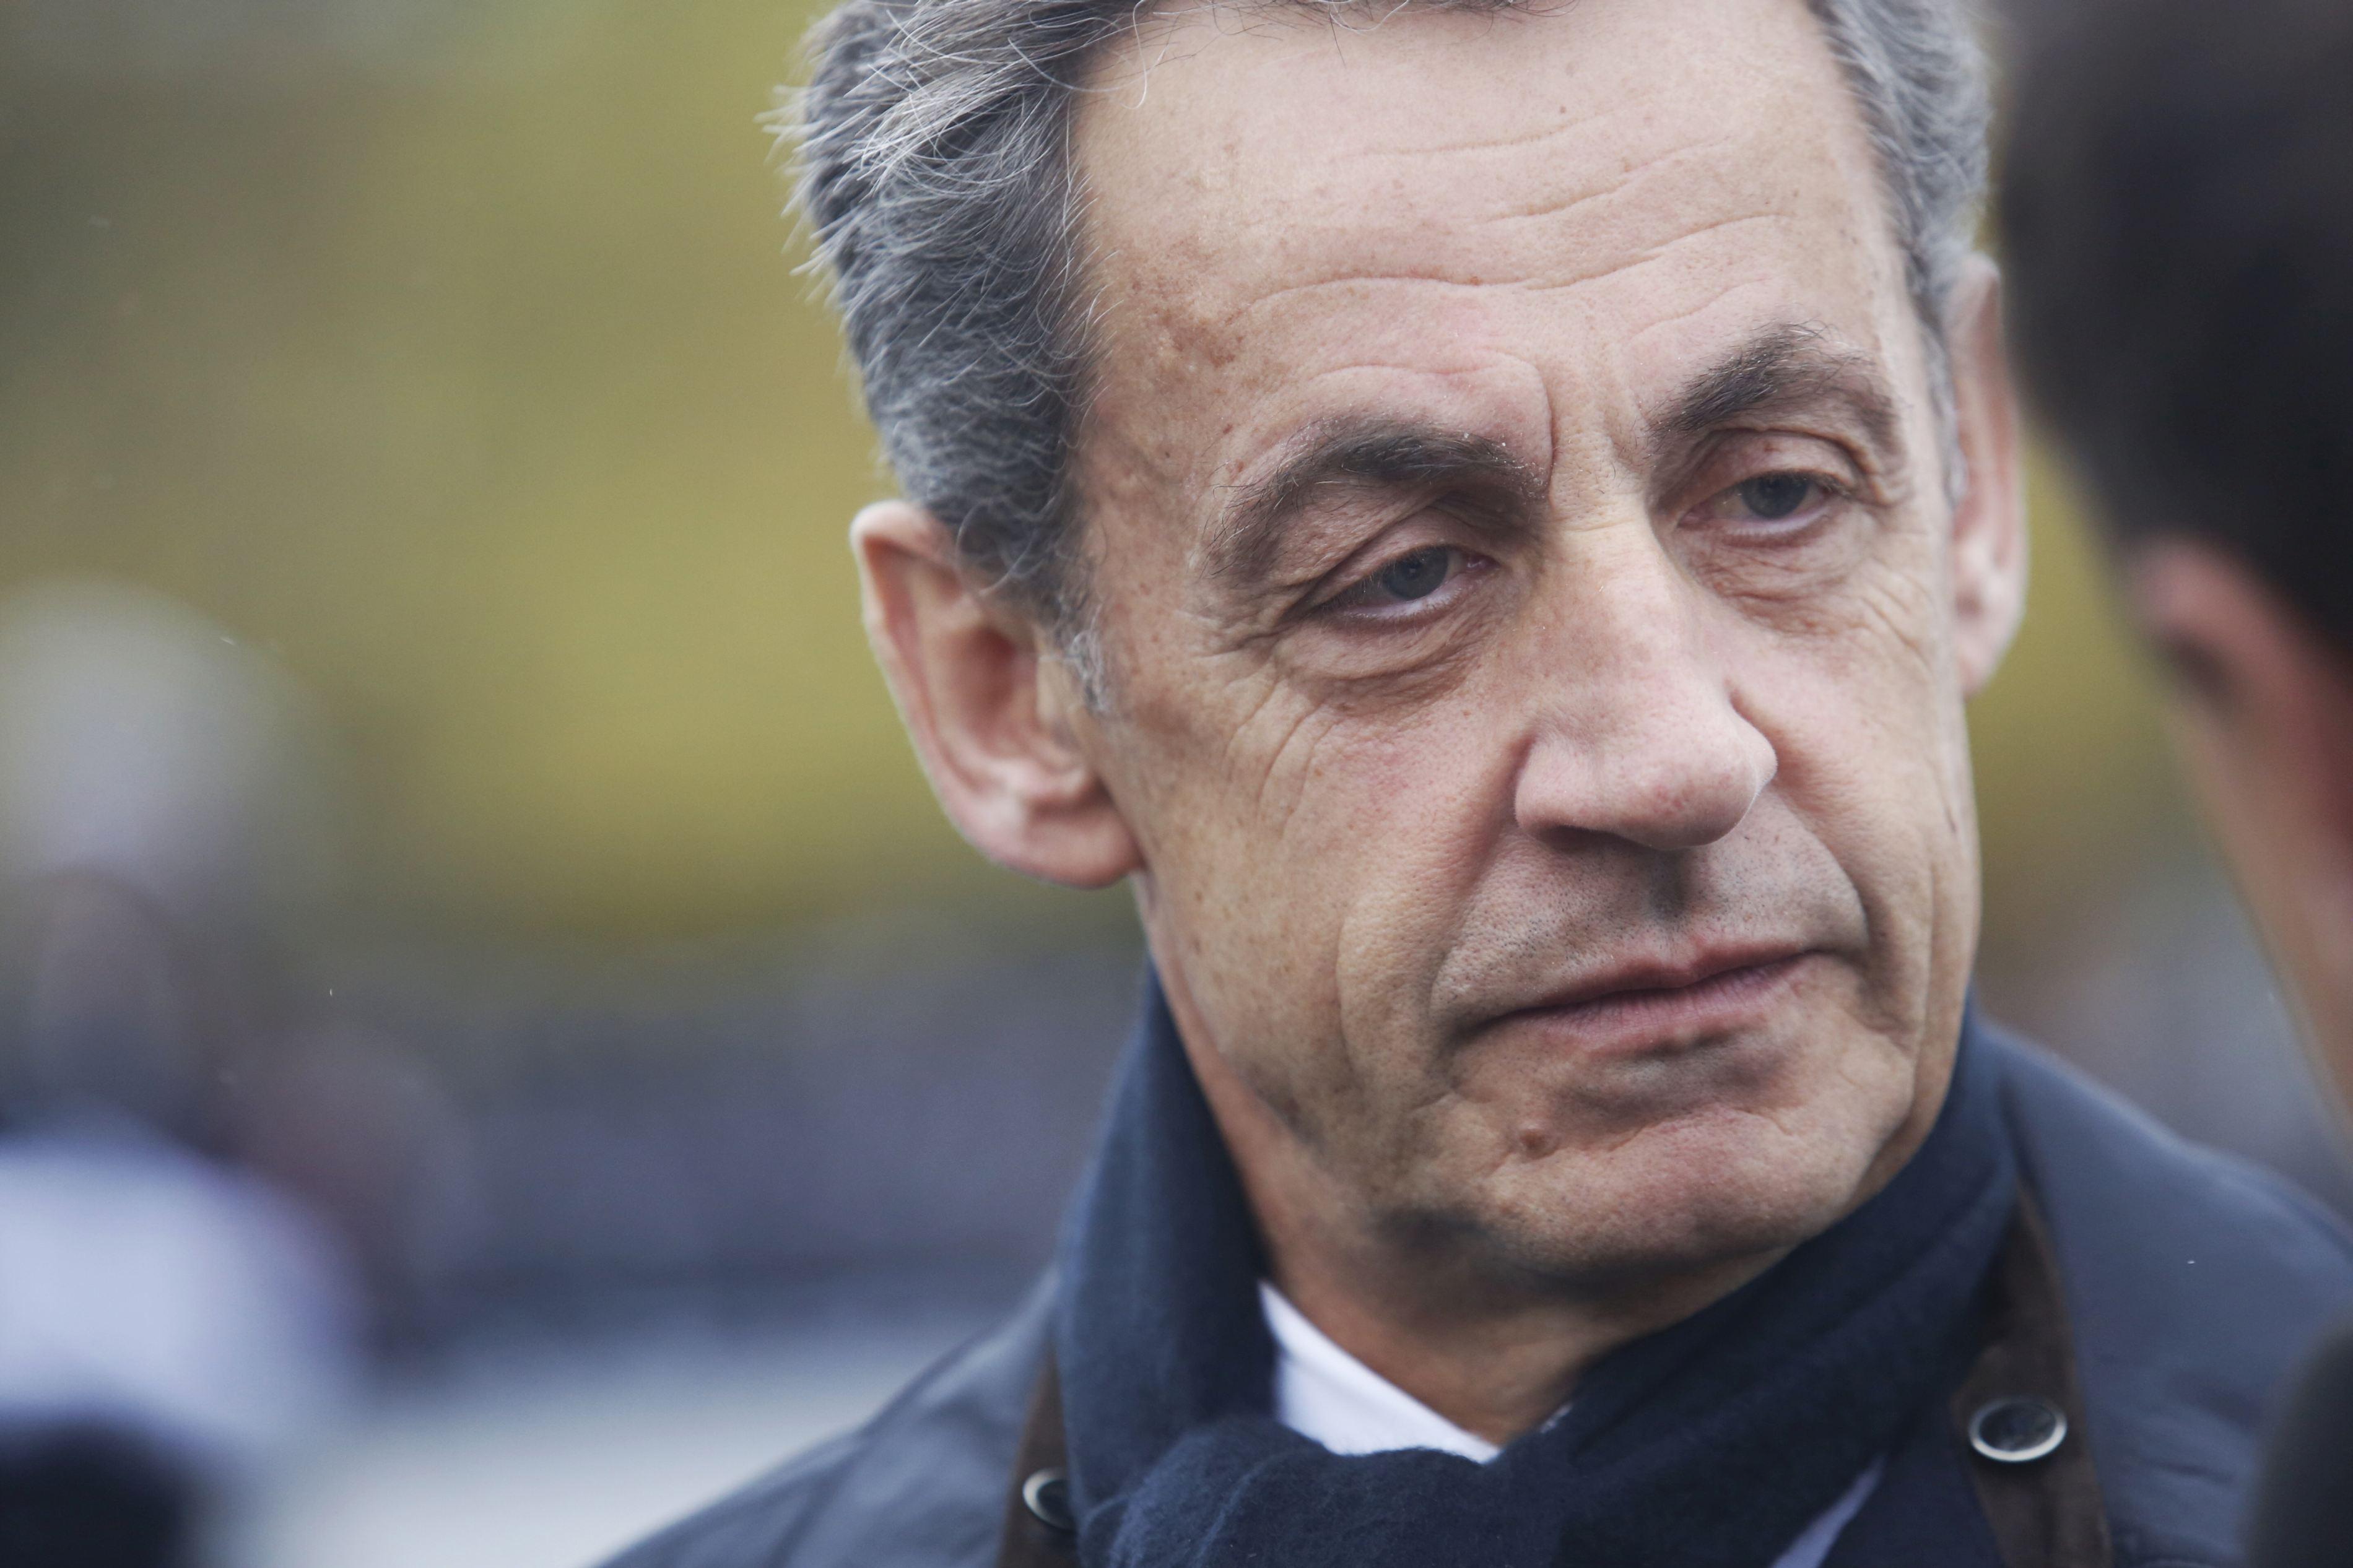 Nicolas Sarkozy, audiat la o instanţă din Paris în procesul privind finanţarea campaniei electorale